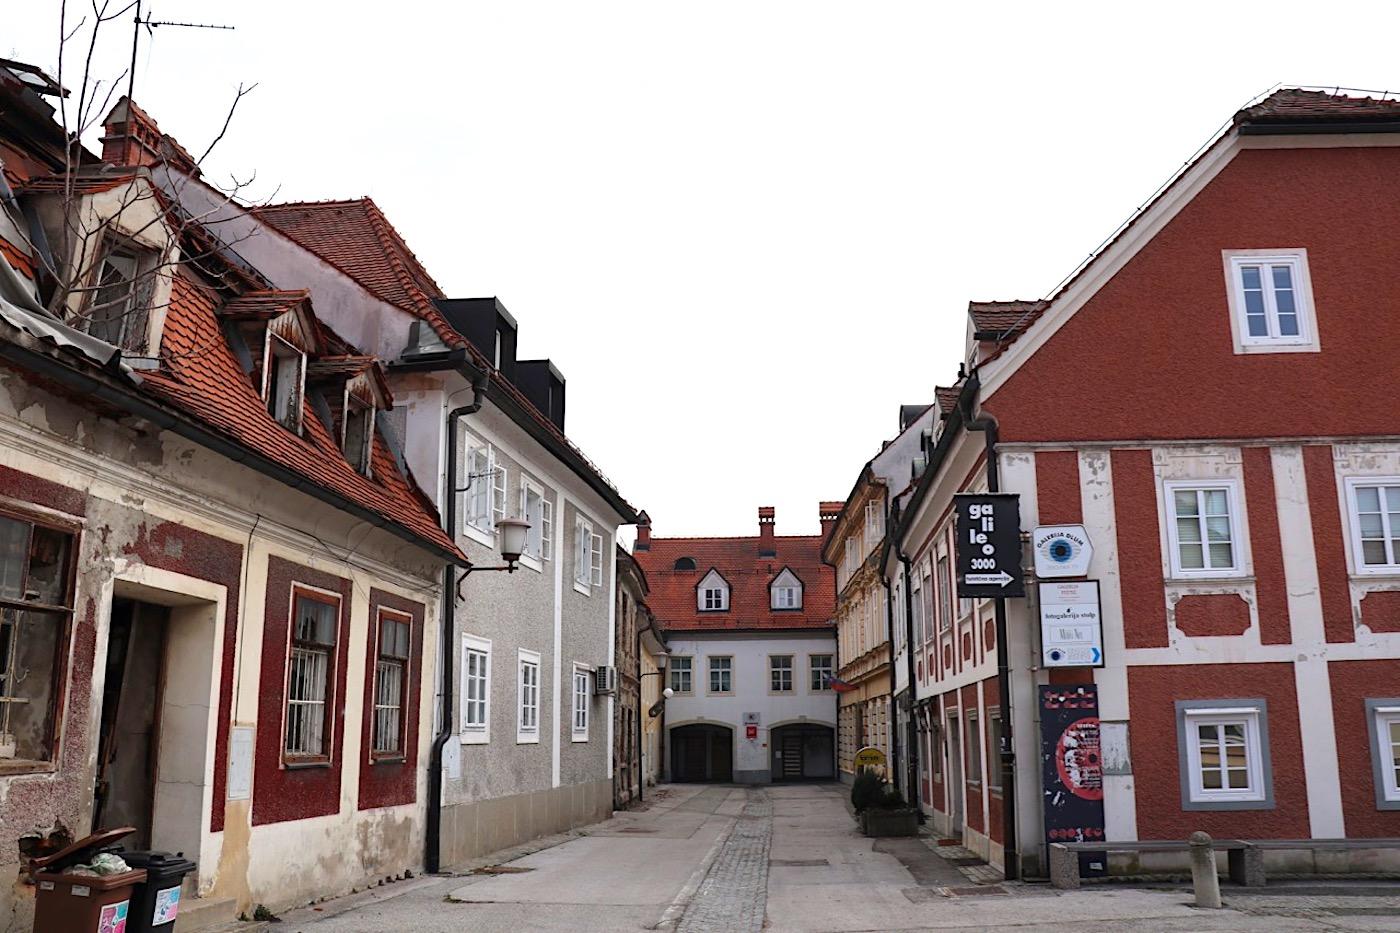 Jüdisch. Unweit des Hauses der Alten Rebe befindet sich das jüdische Viertel mit der Synagoge, die bereits im frühen 15. Jahrhundert erwähnt wurde.